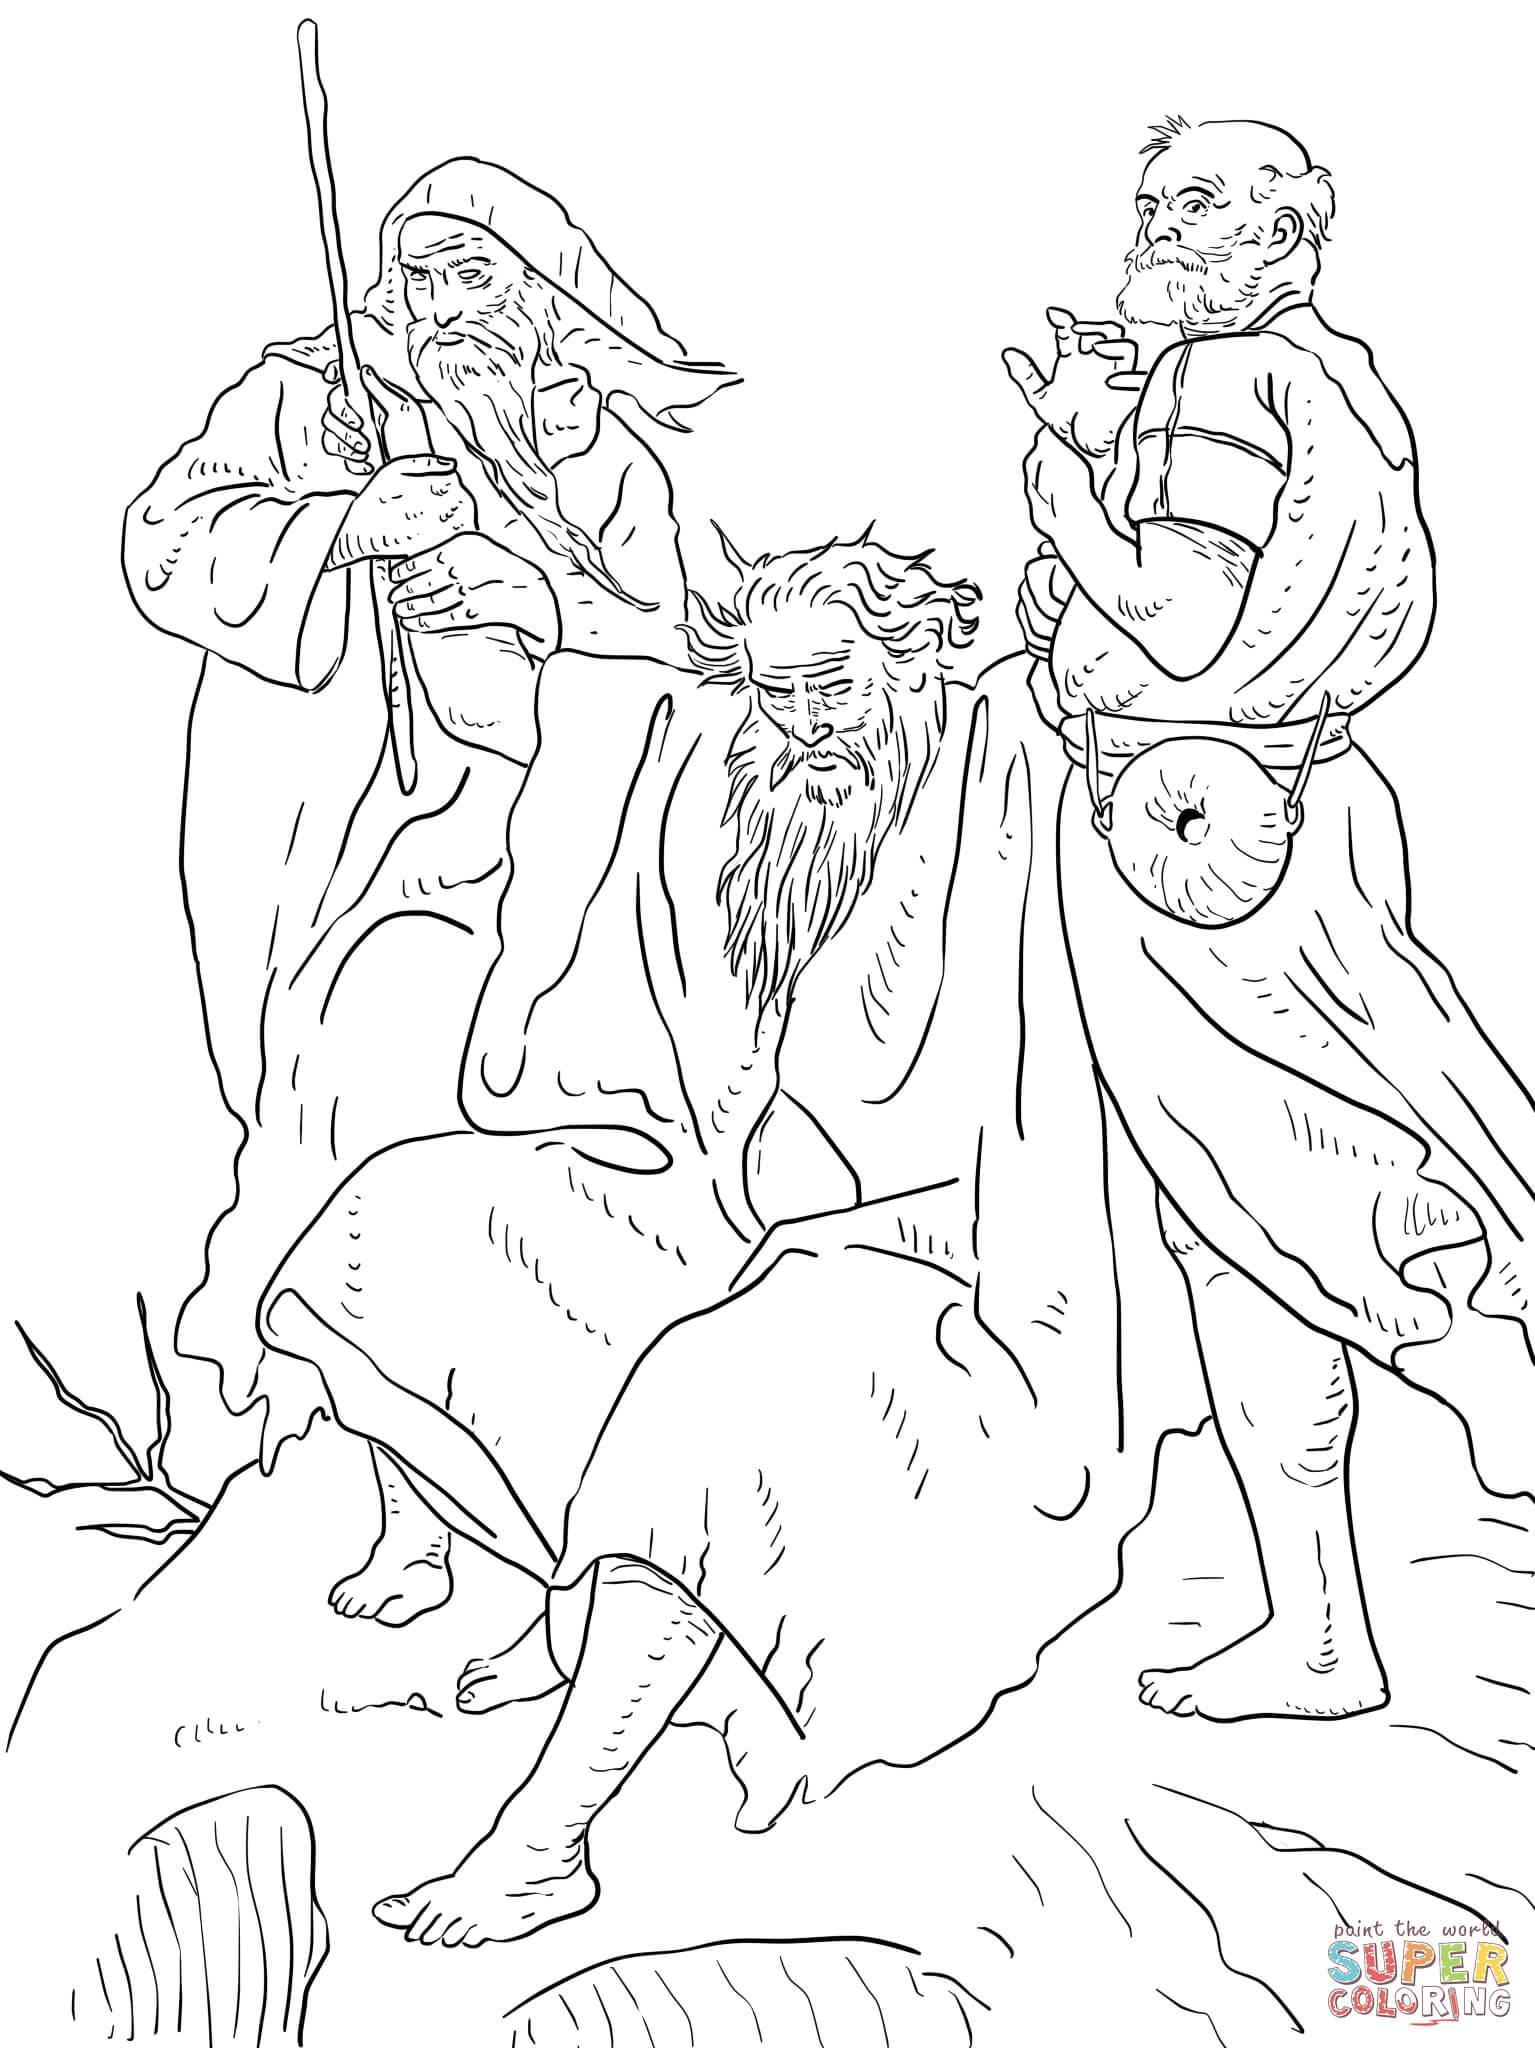 Desenho de Moisés erguendo seus braços durante a batalha